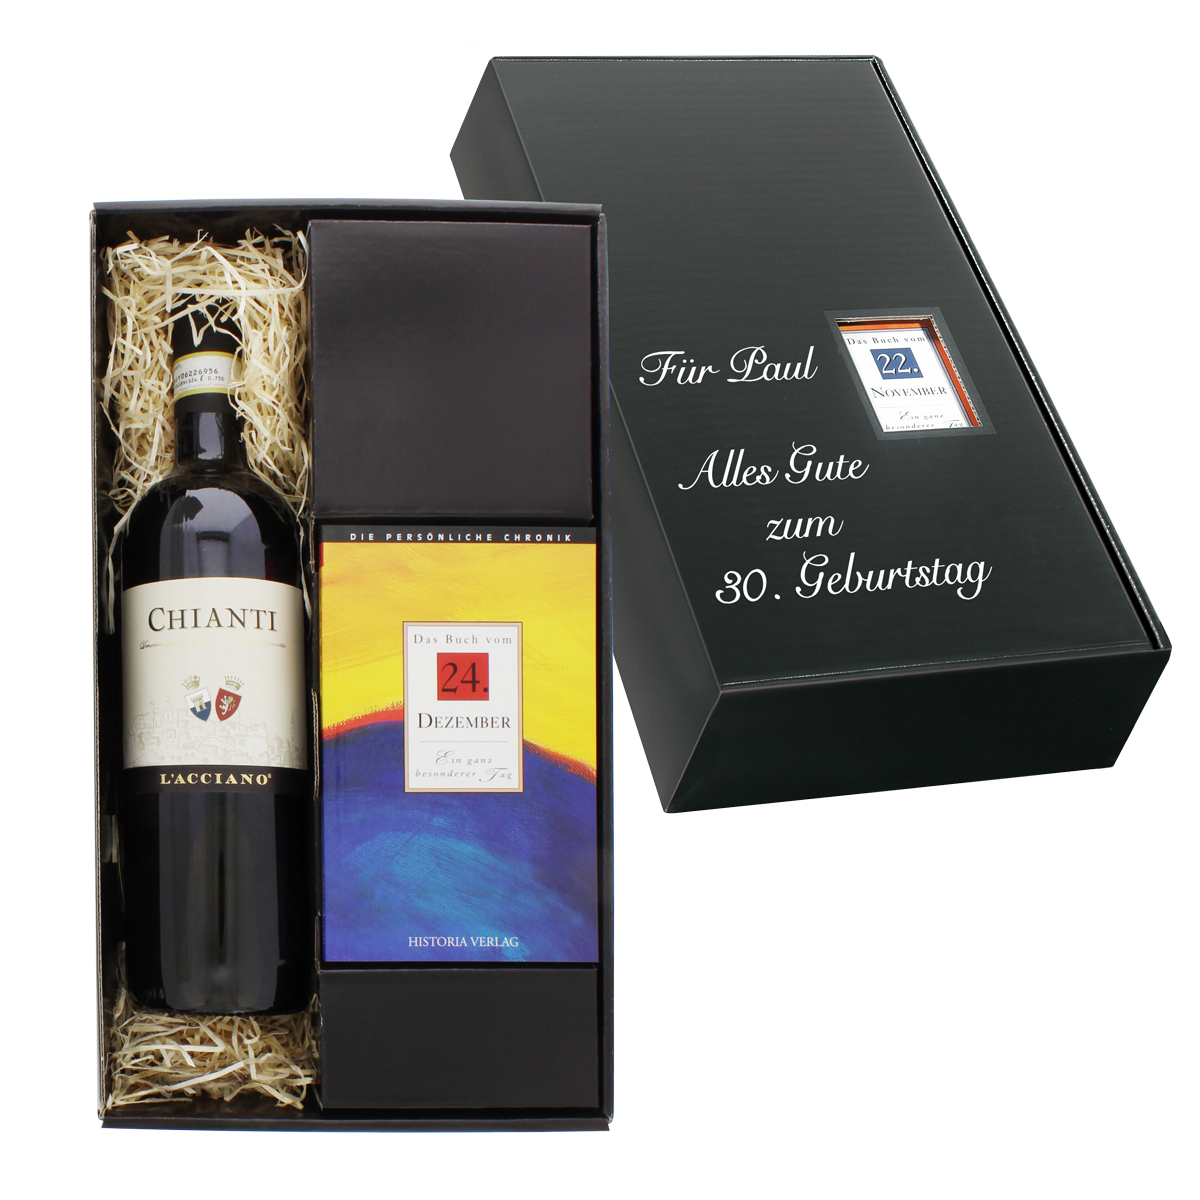 Italien-Set: Tageschronik vom 12. Februar & Chianti-Wein